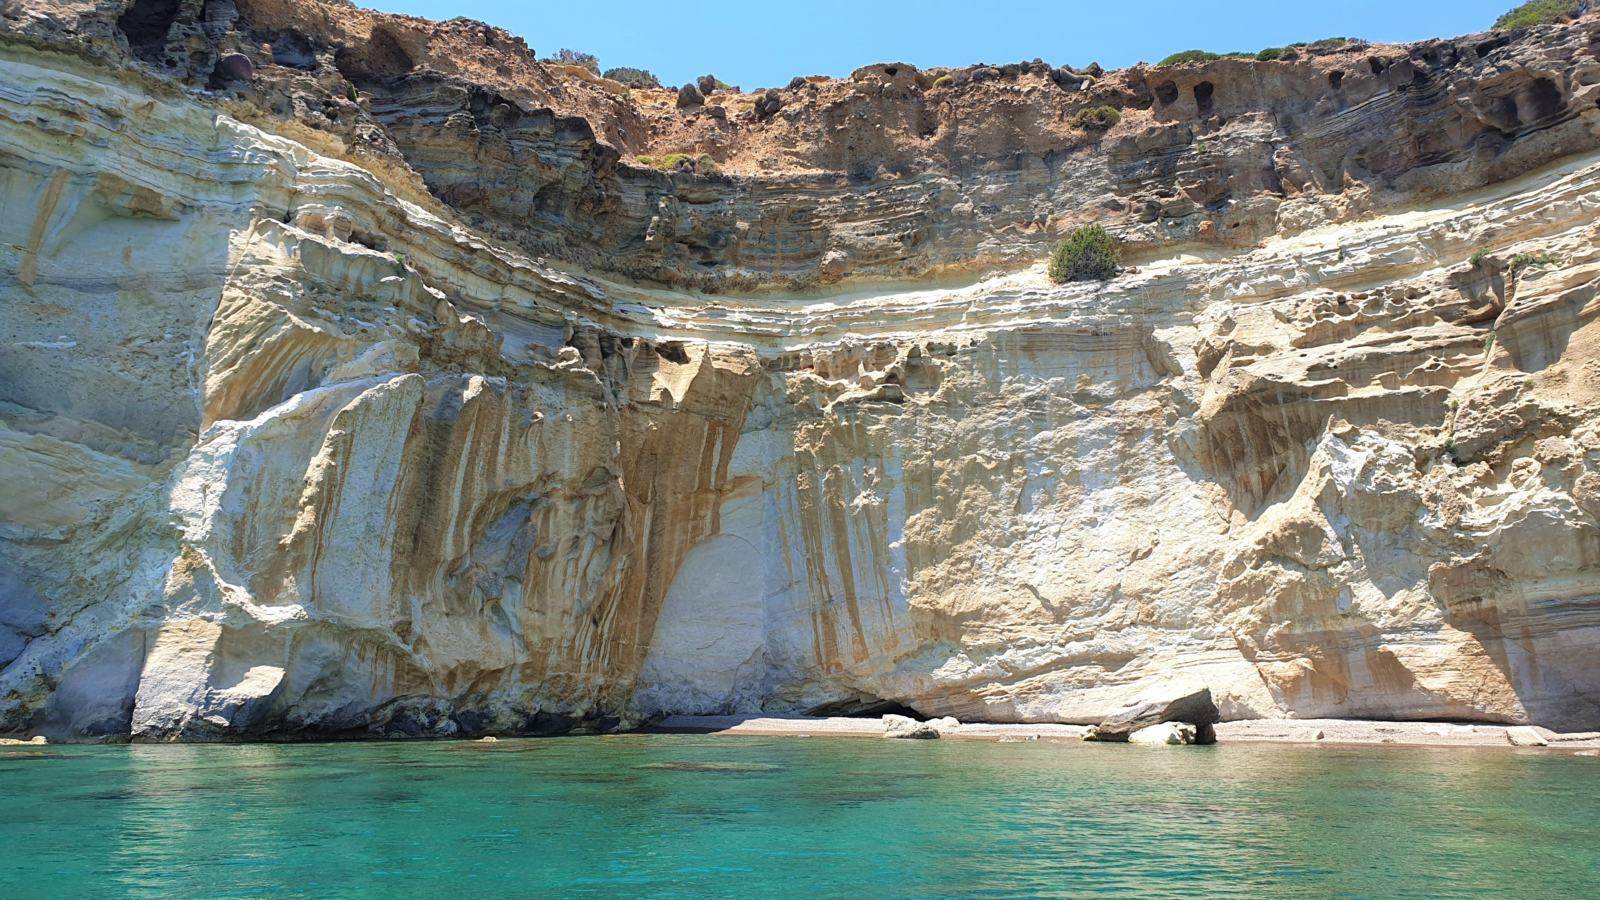 La costa multicolore dell'Isola di Milos